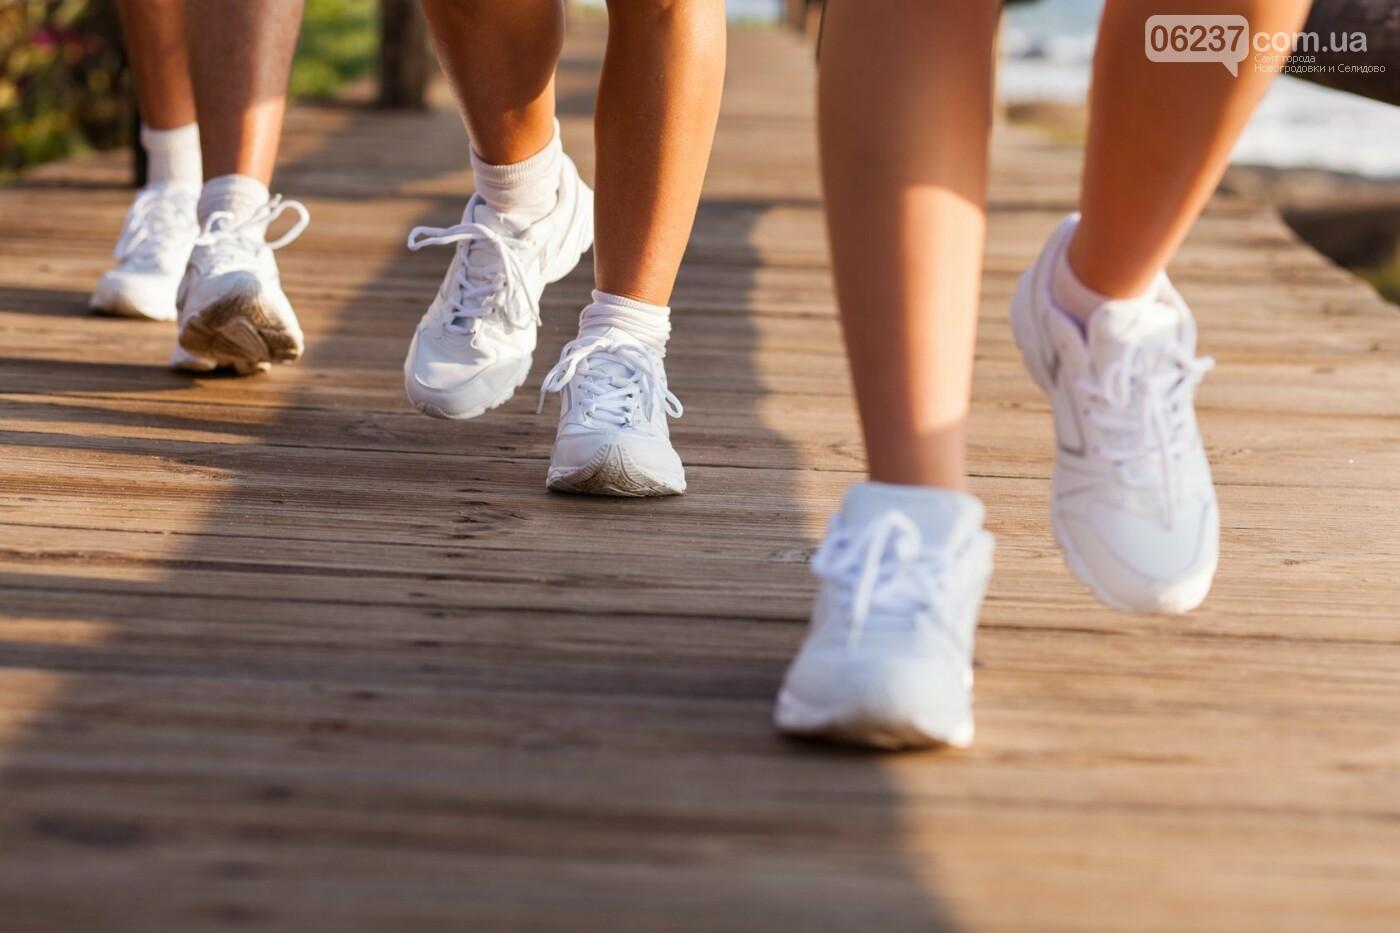 Ученые назвали оптимальное число шагов в день, фото-1